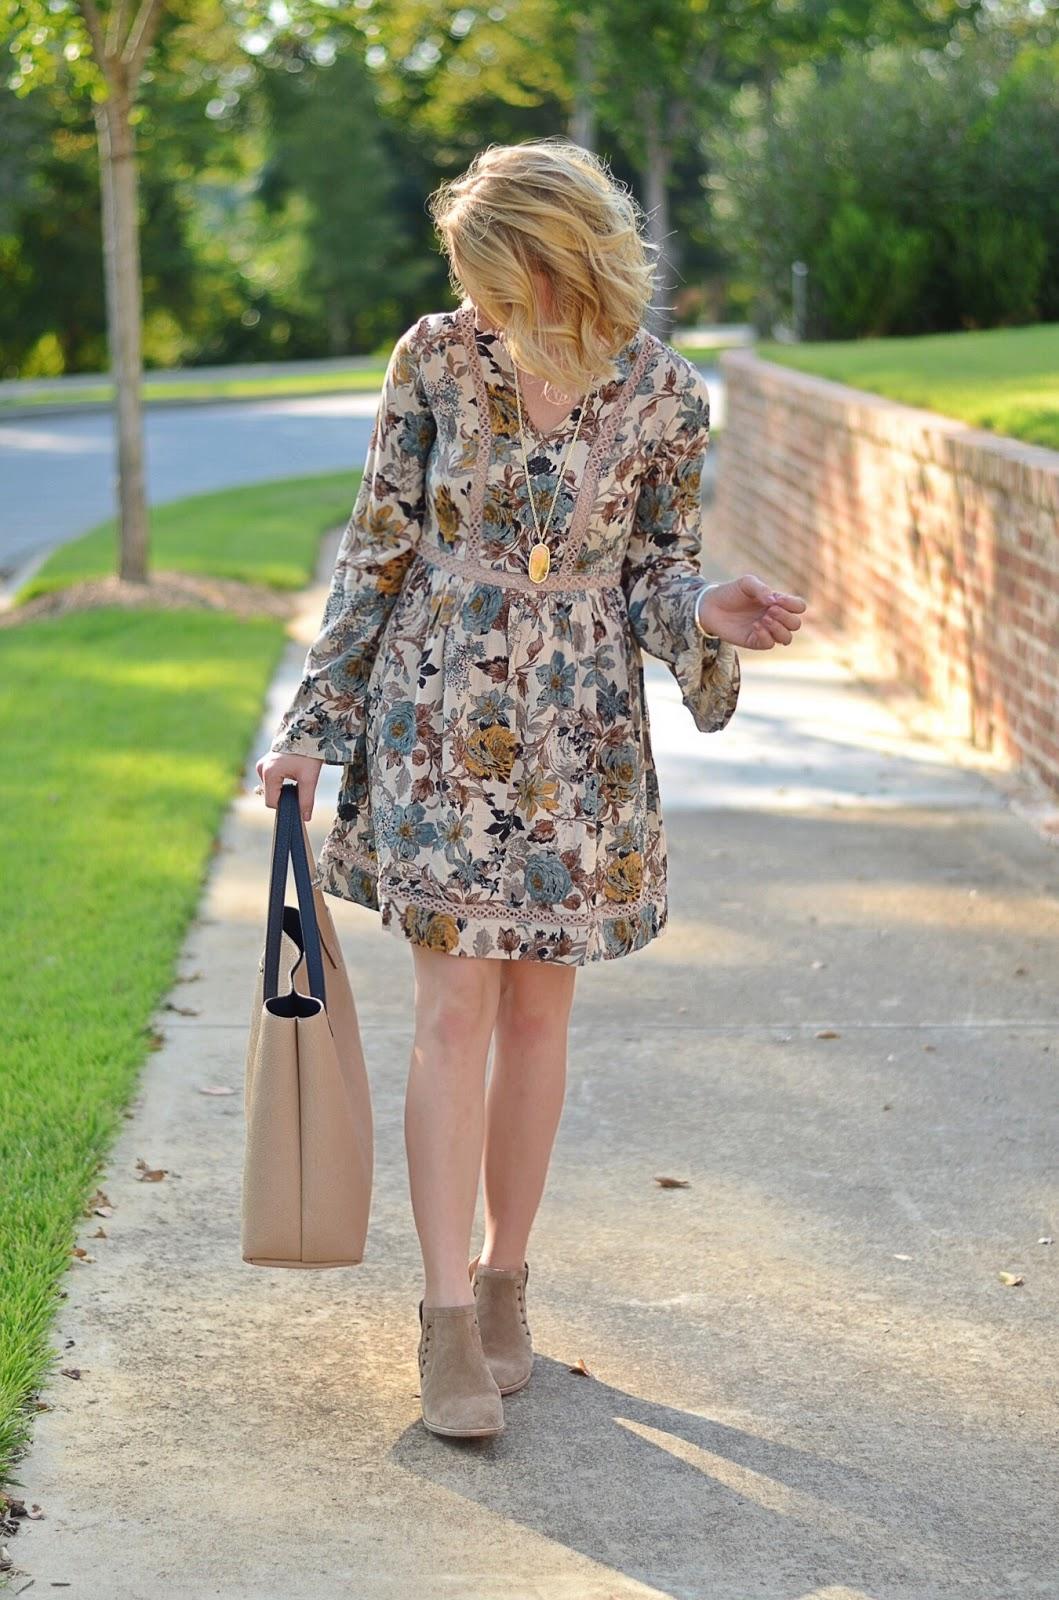 Dress + Booties